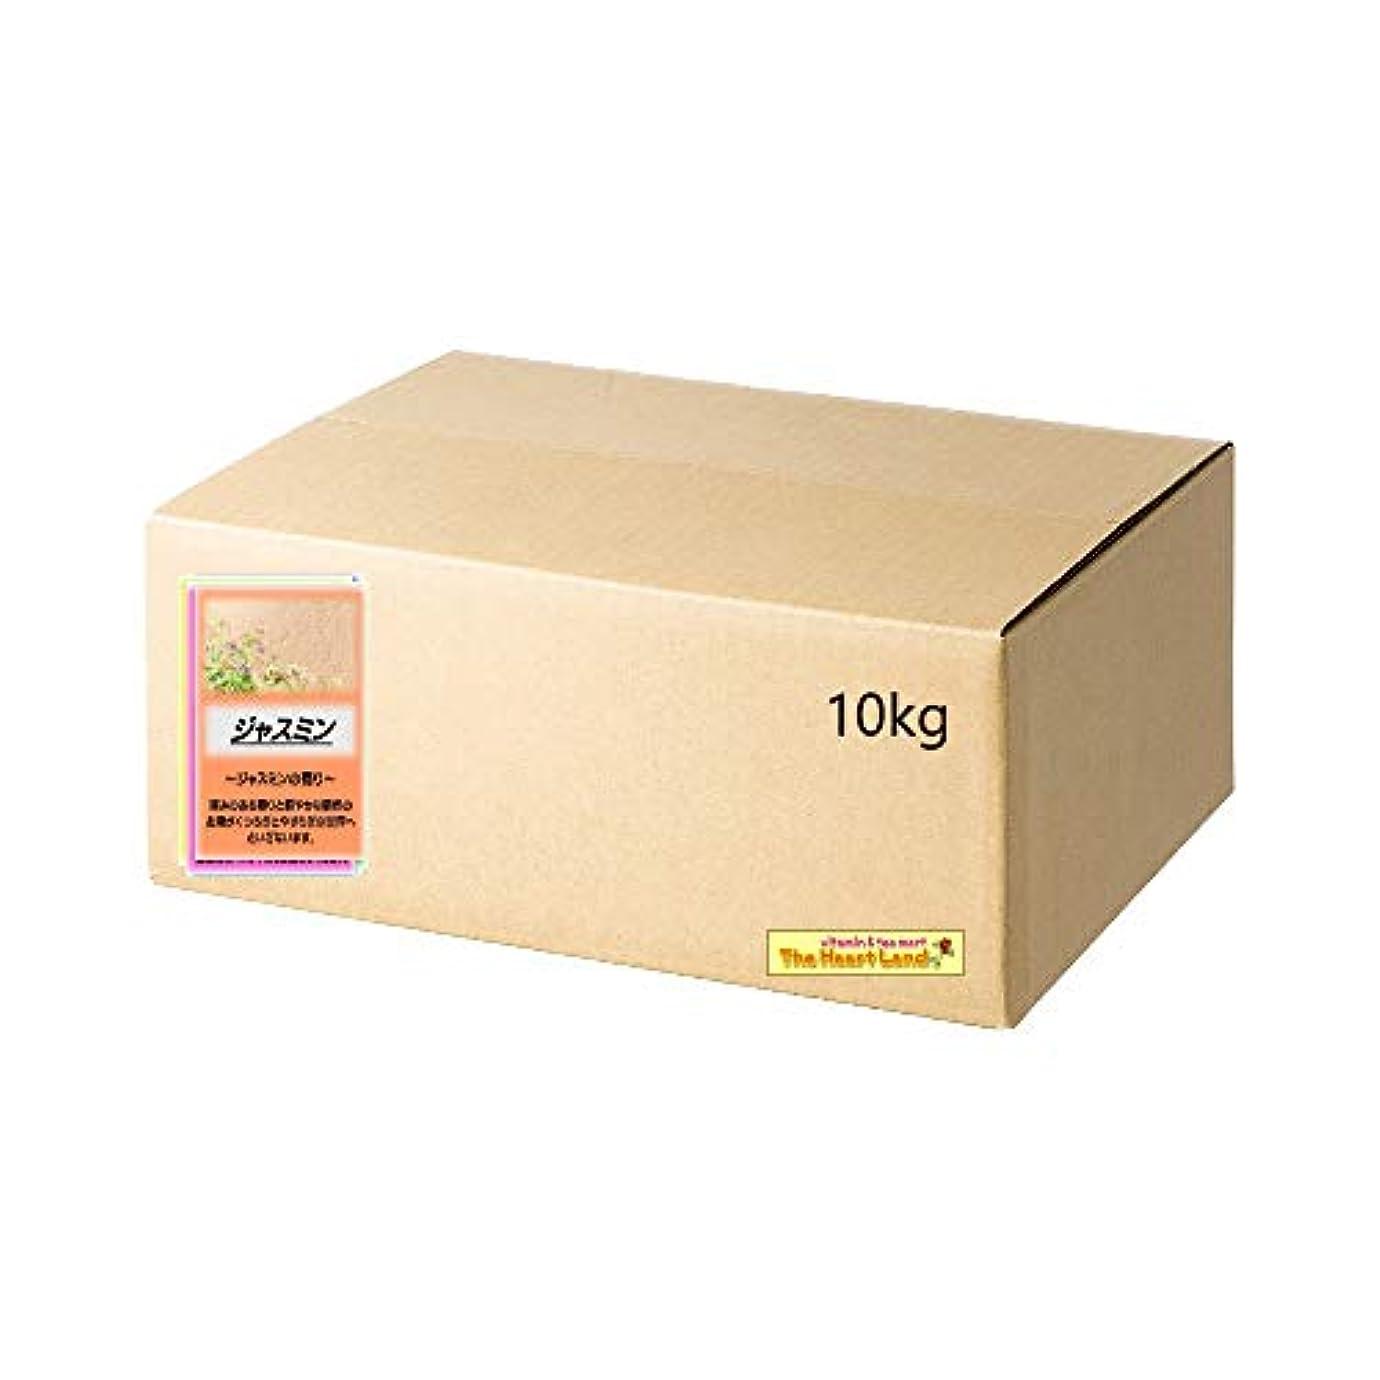 ボックス横たわるバイアスアサヒ入浴剤 浴用入浴化粧品 ジャスミン 10kg